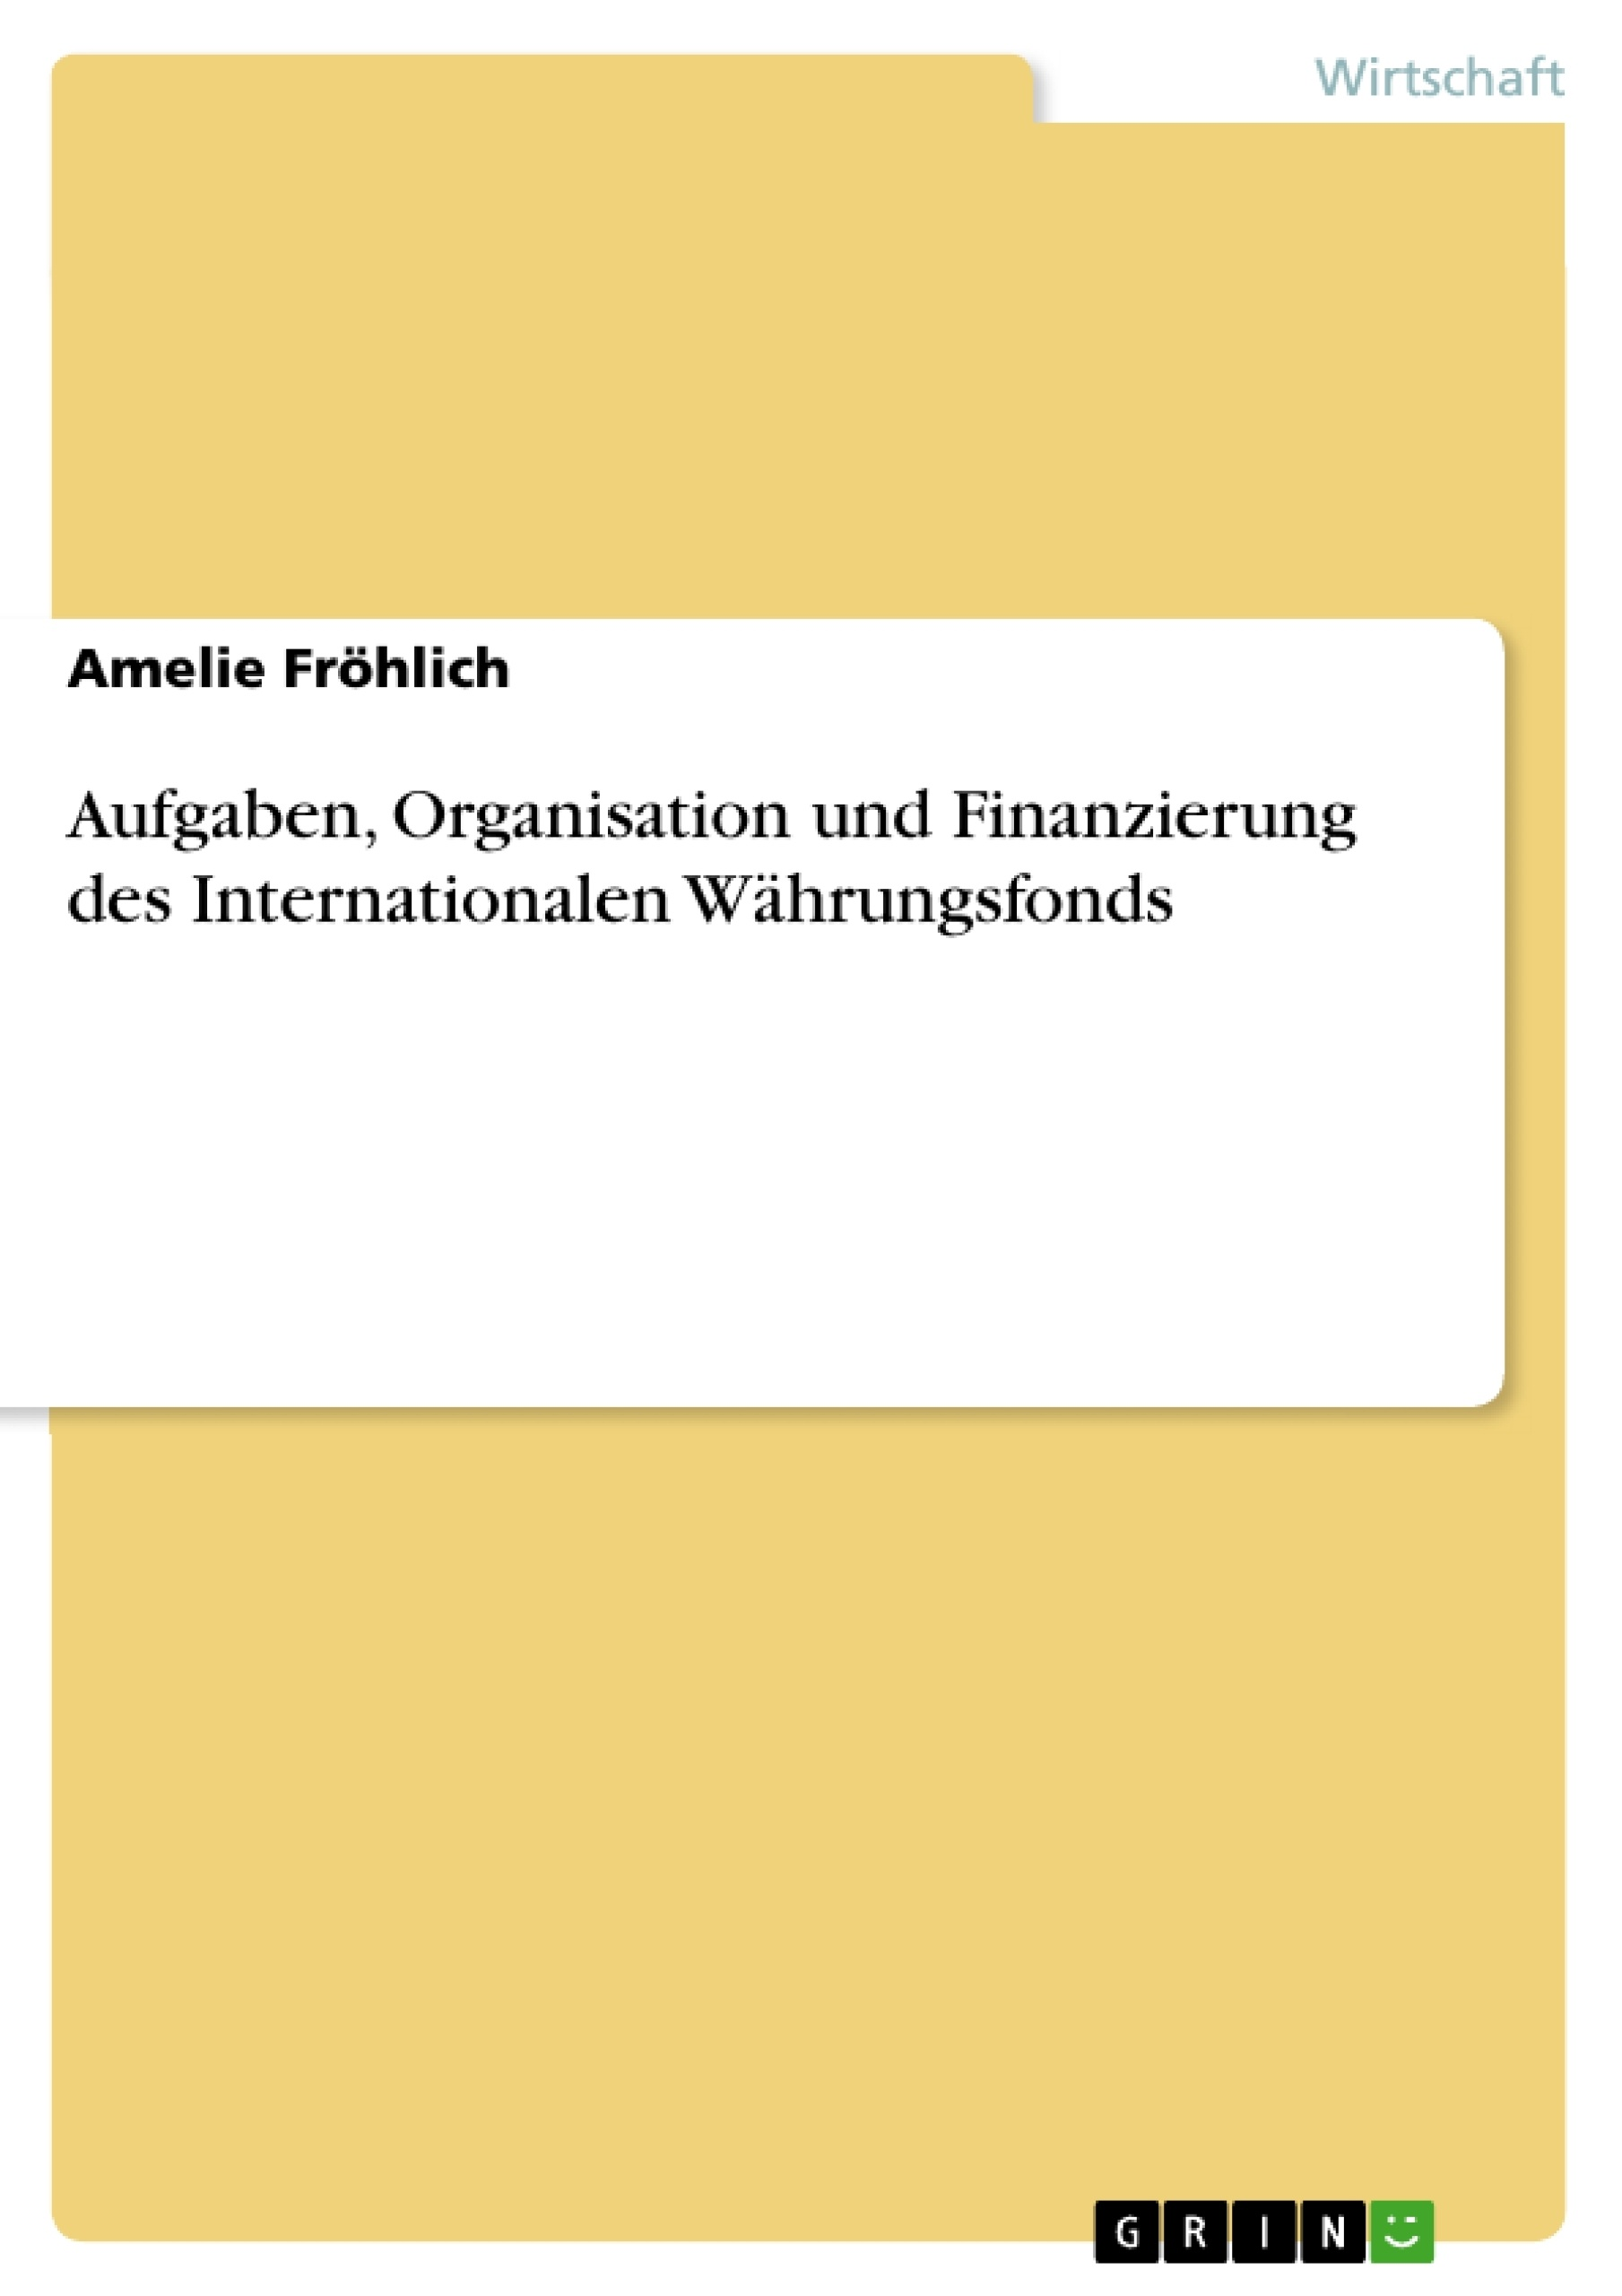 Titel: Aufgaben, Organisation und Finanzierung des Internationalen Währungsfonds